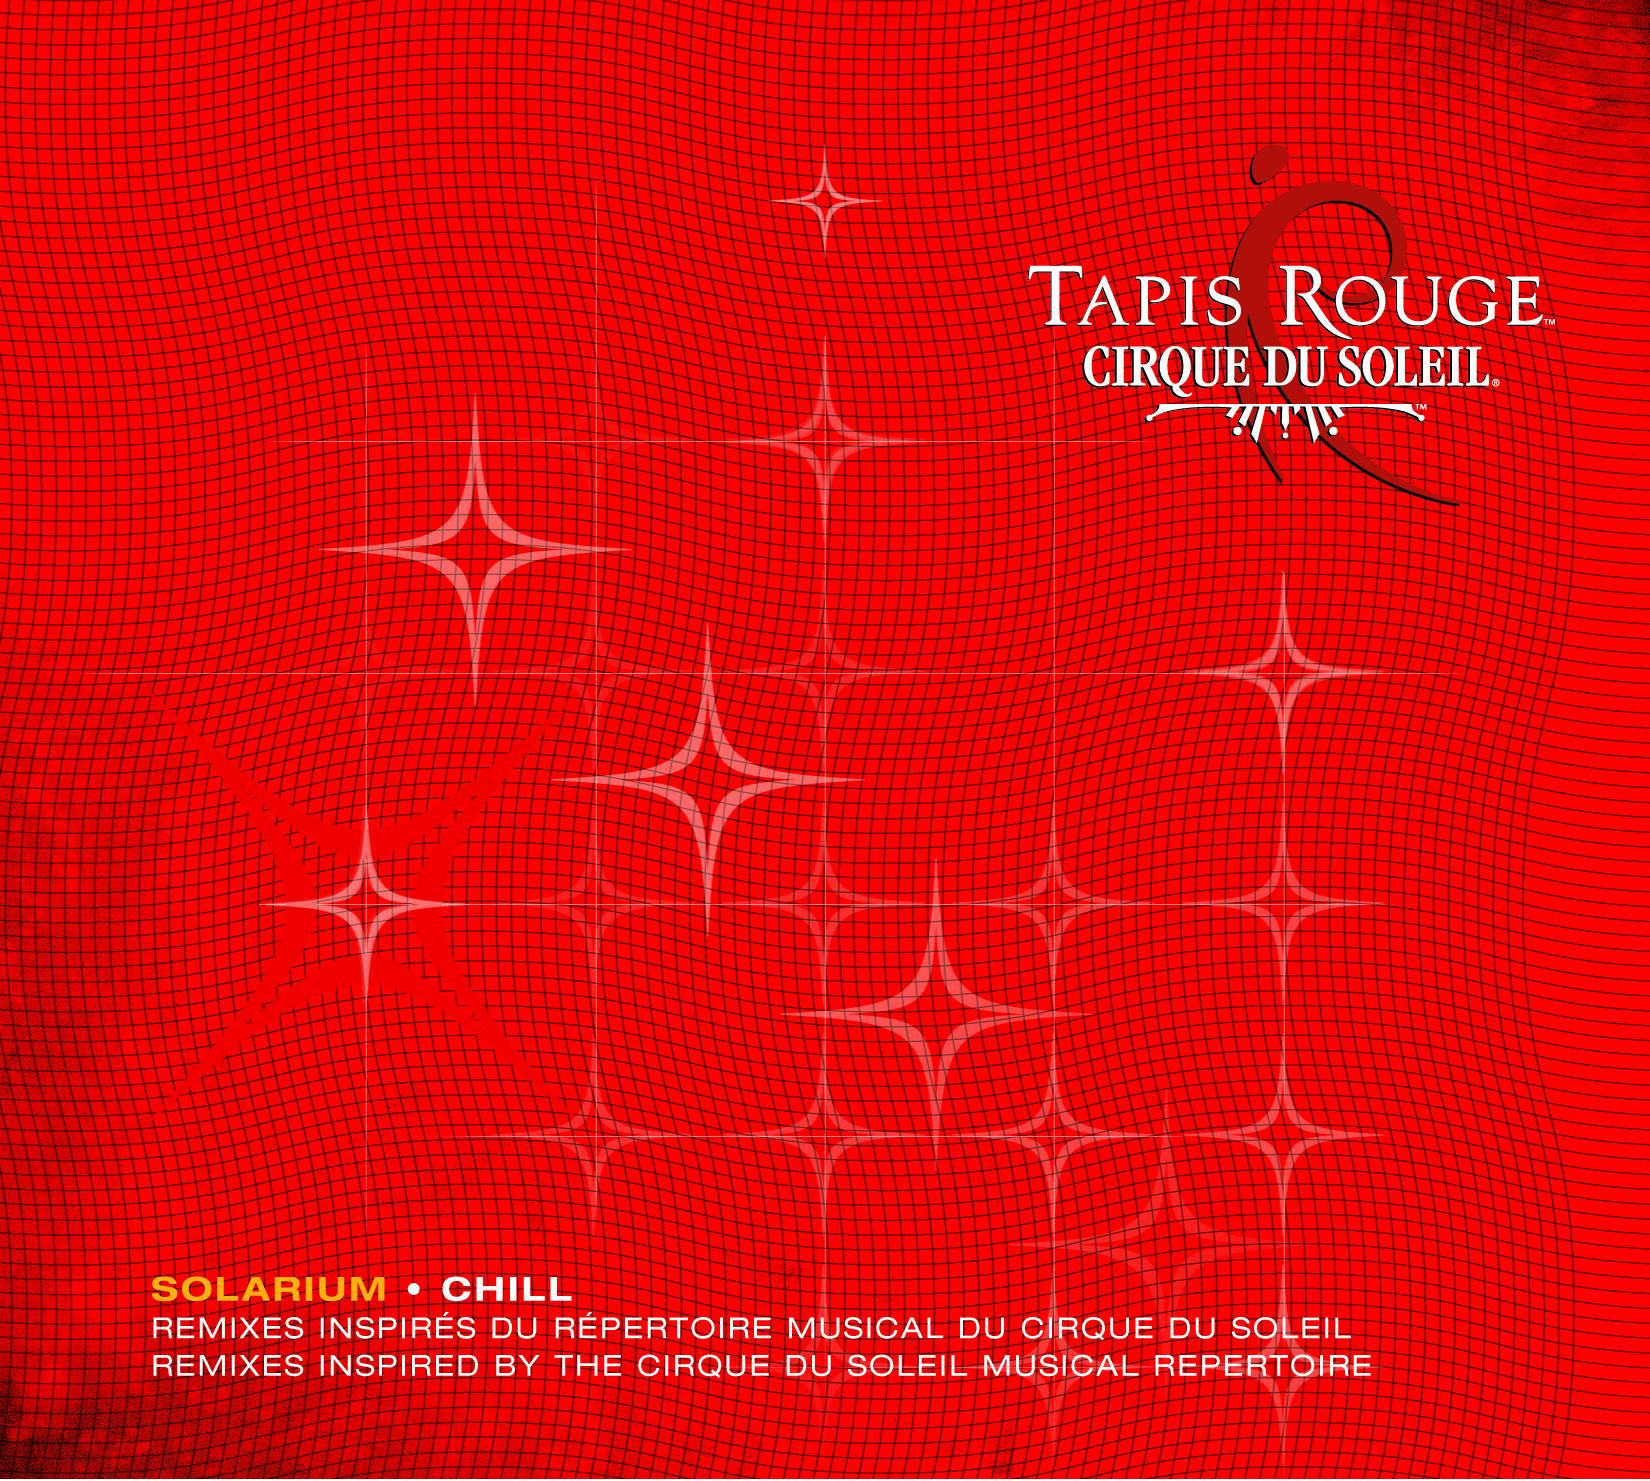 TapisRouge cover.jpg